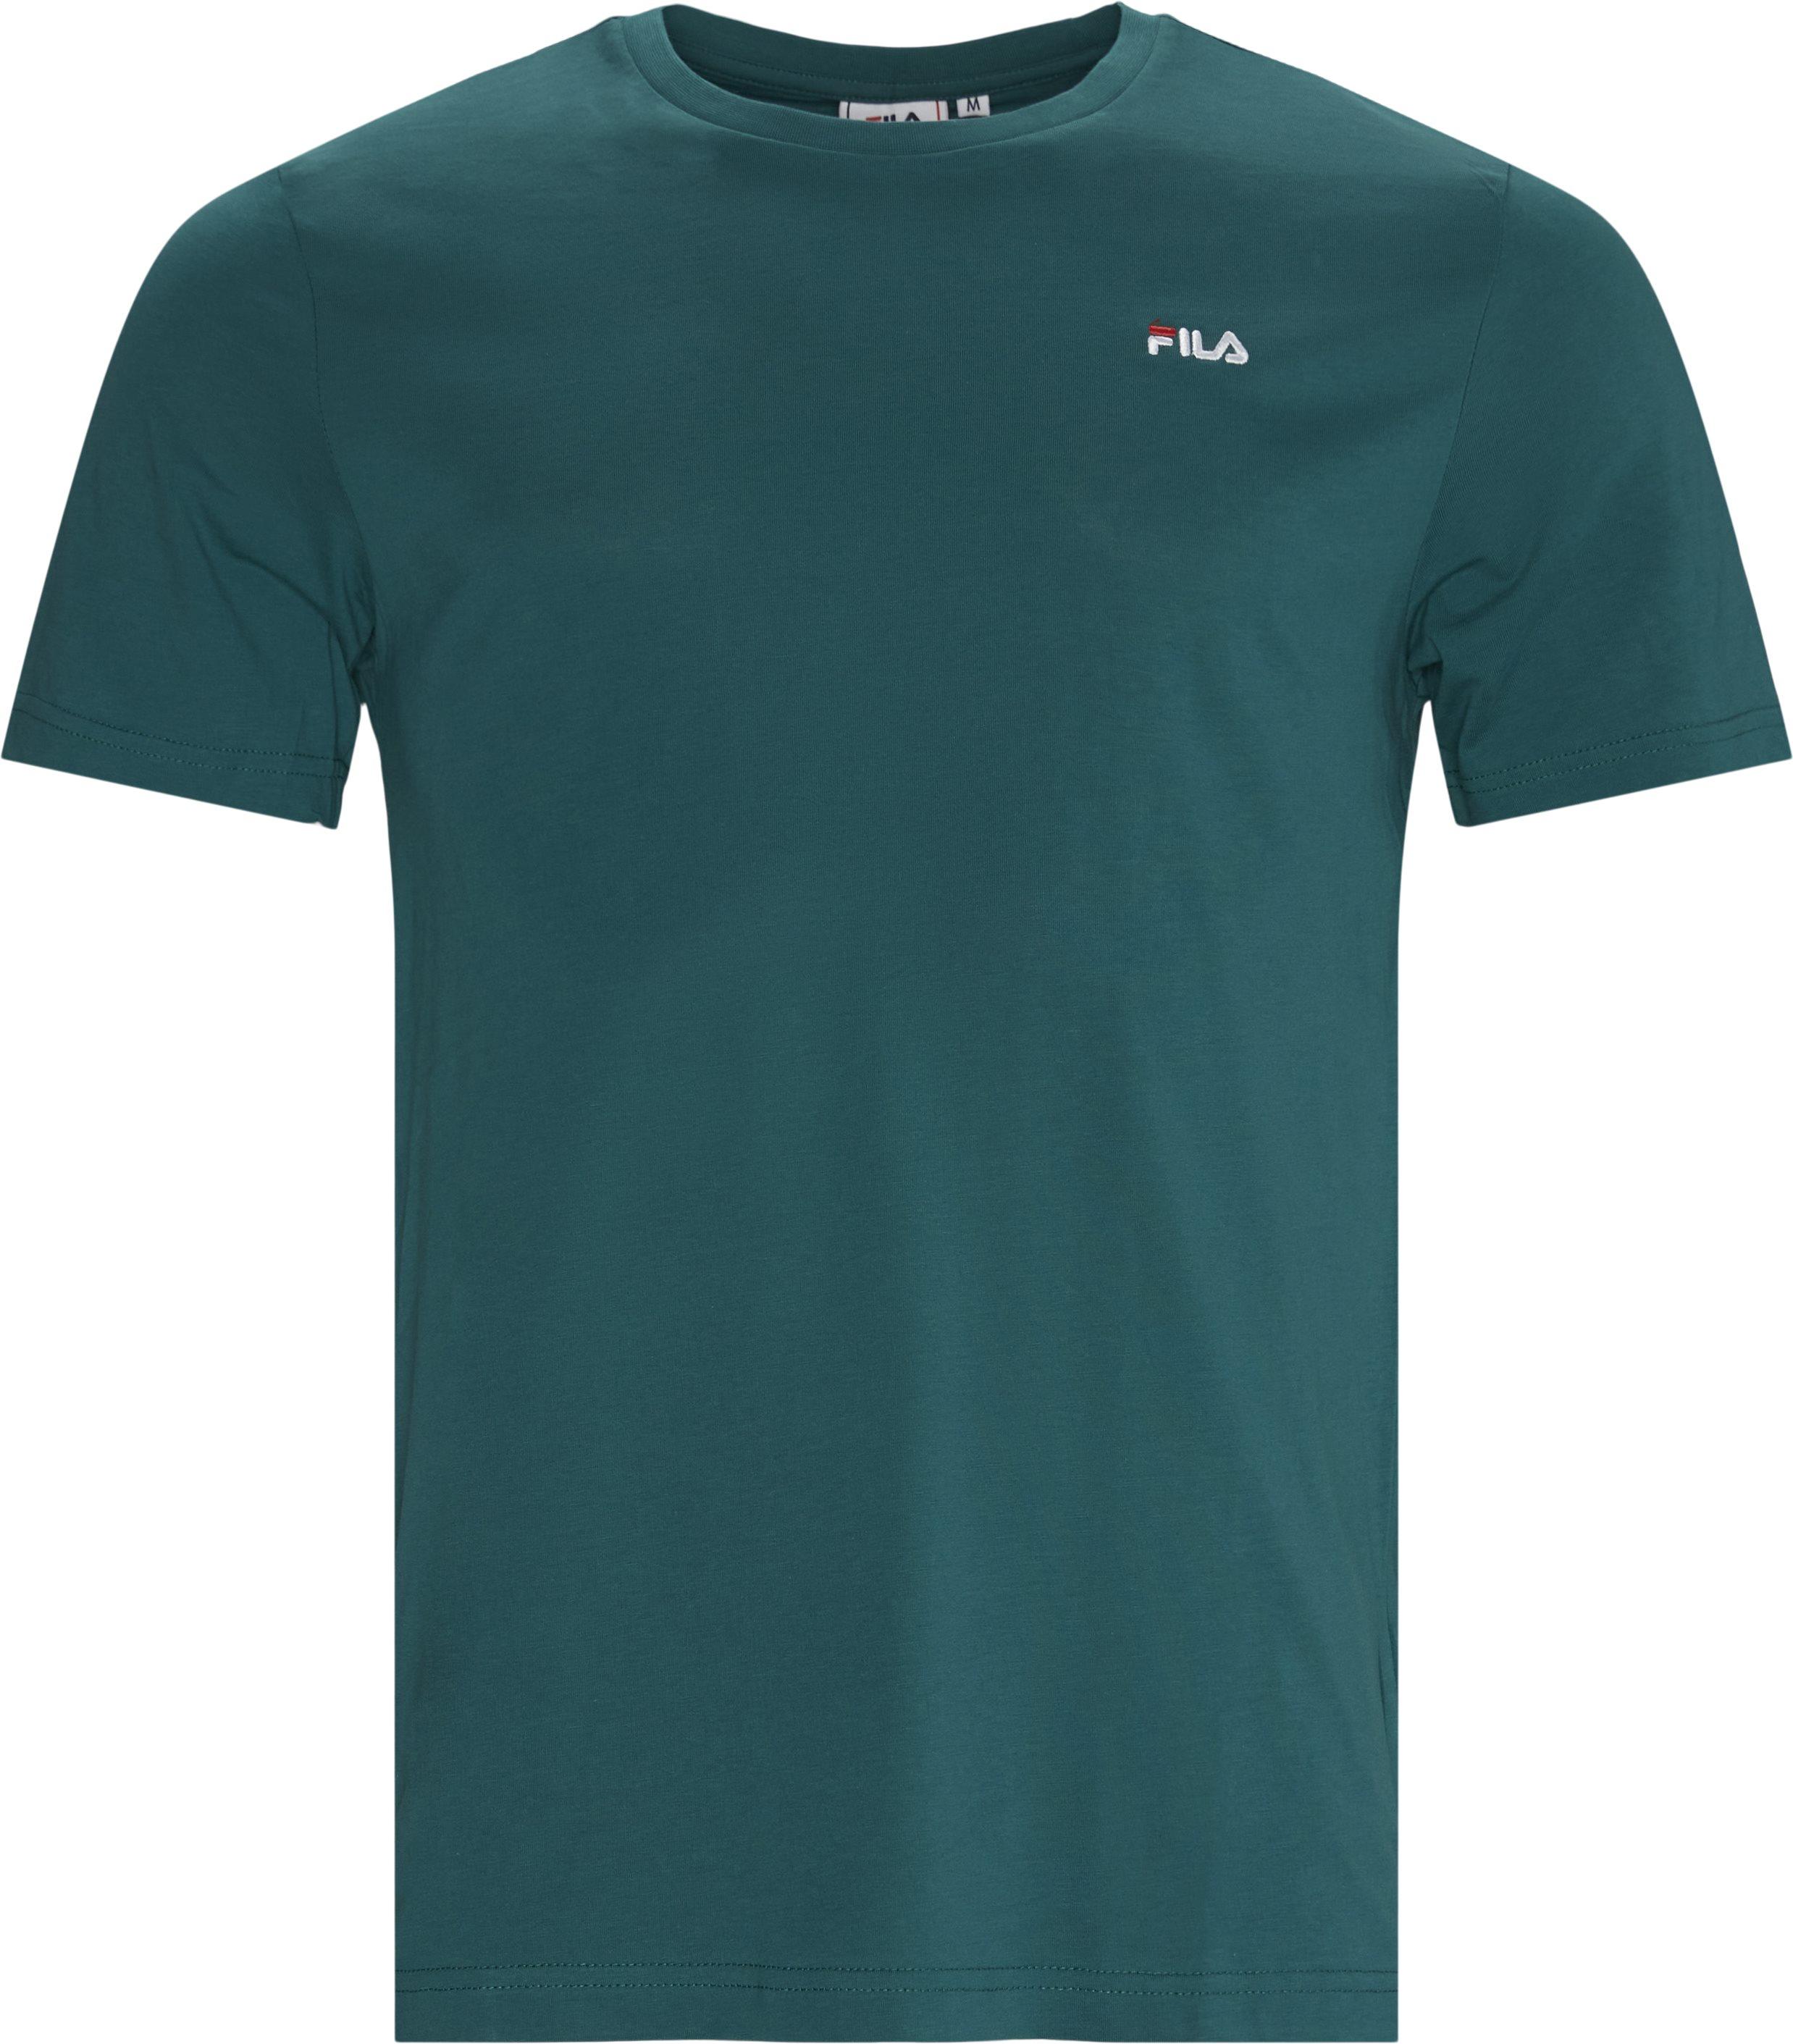 Unwind Tee - T-shirts - Regular - Grøn